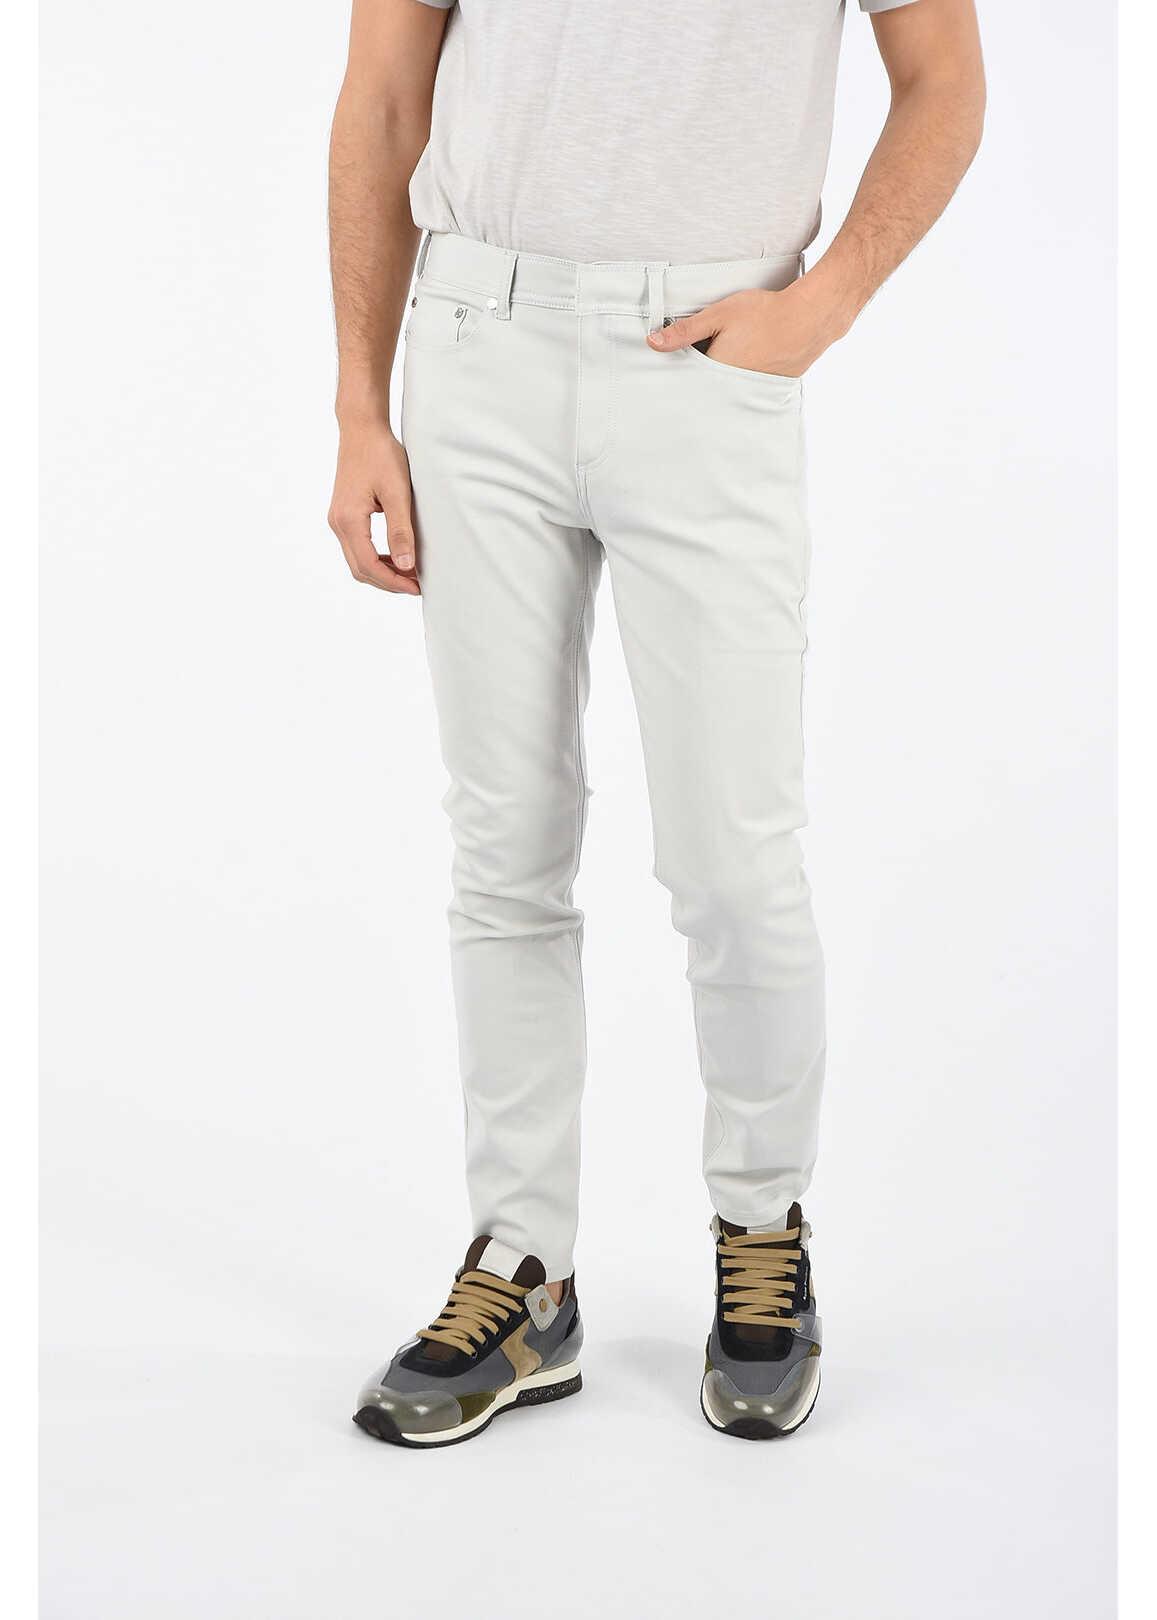 Neil Barrett SUPER SKINNY FIT Jeans 15 cm GRAY